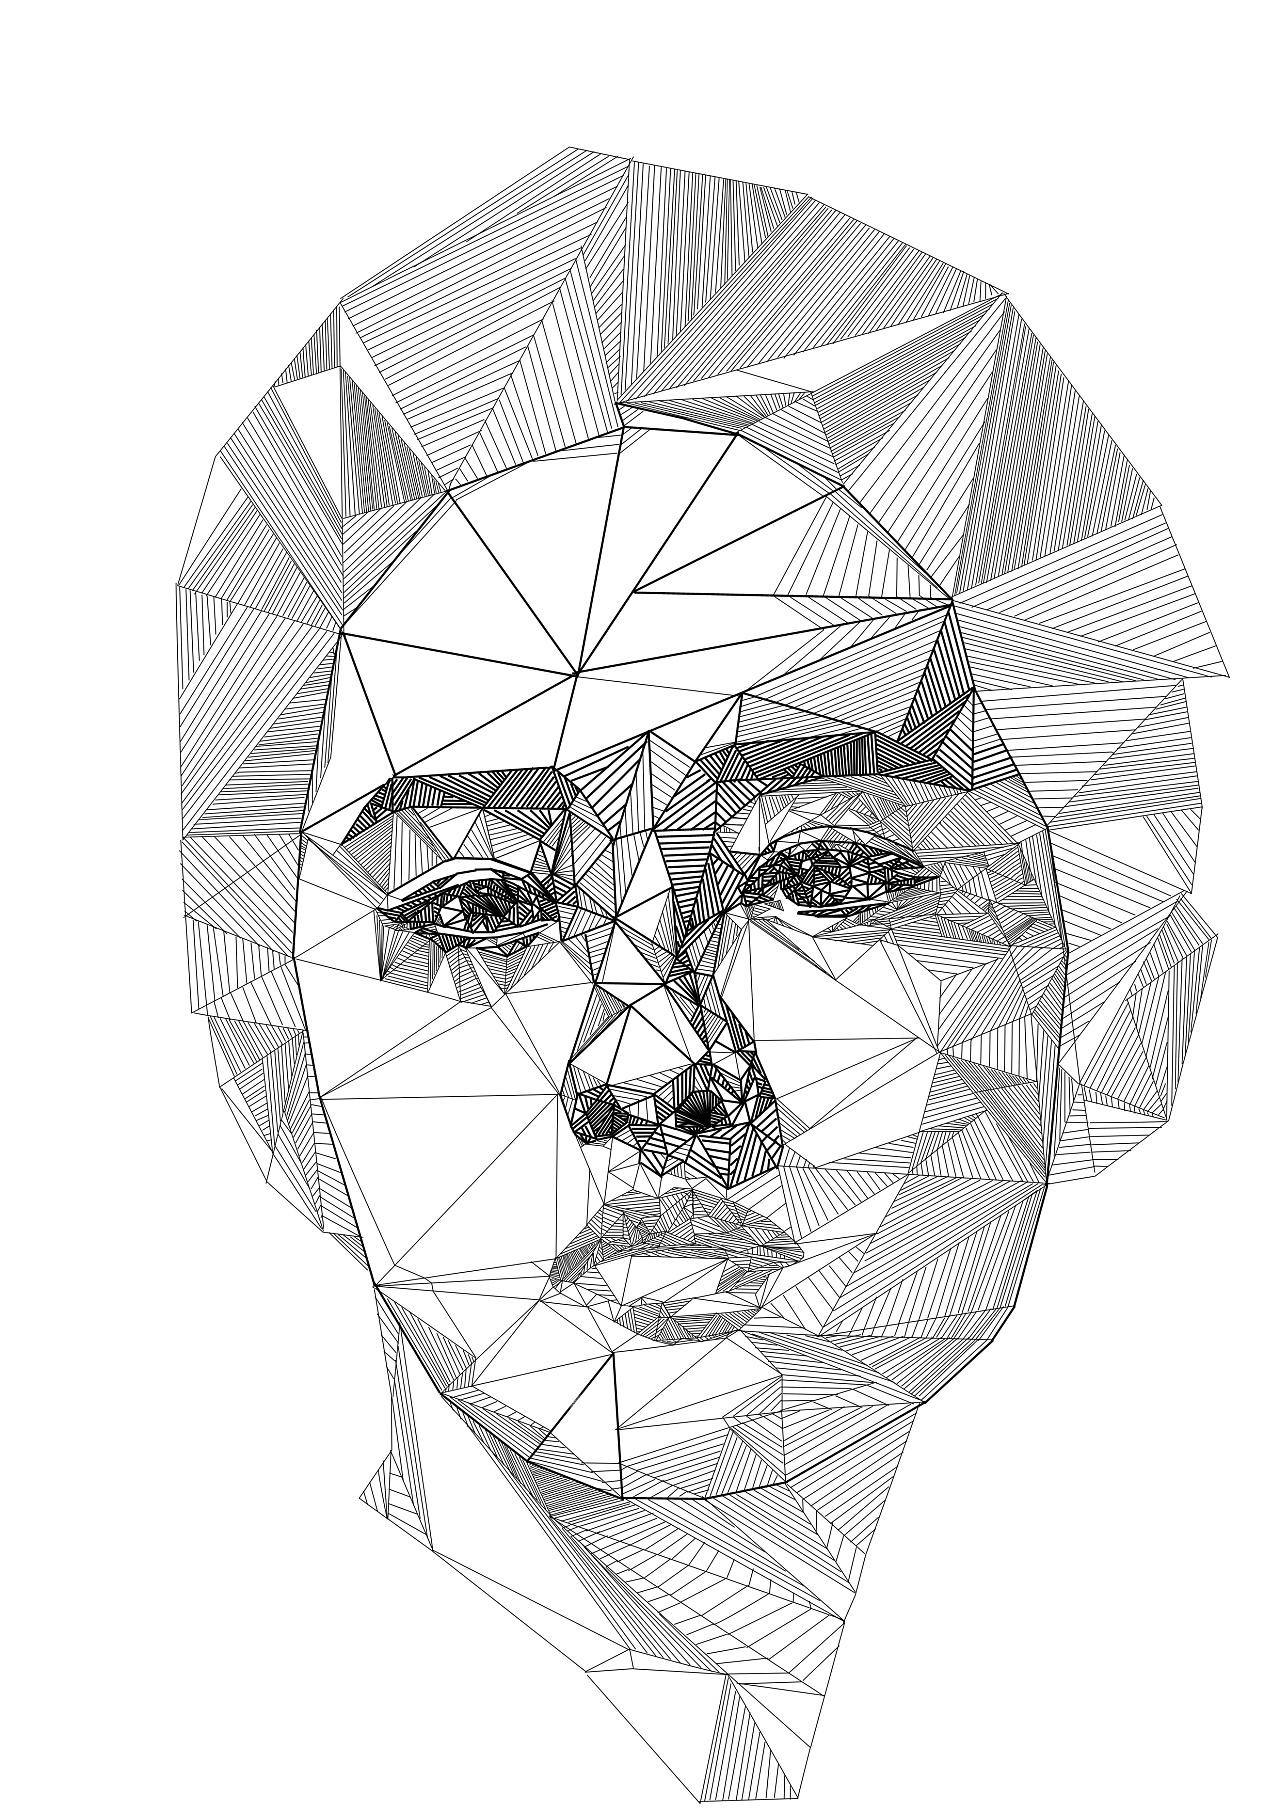 简笔画 设计 矢量 矢量图 手绘 素材 线稿 1280_1811 竖版 竖屏